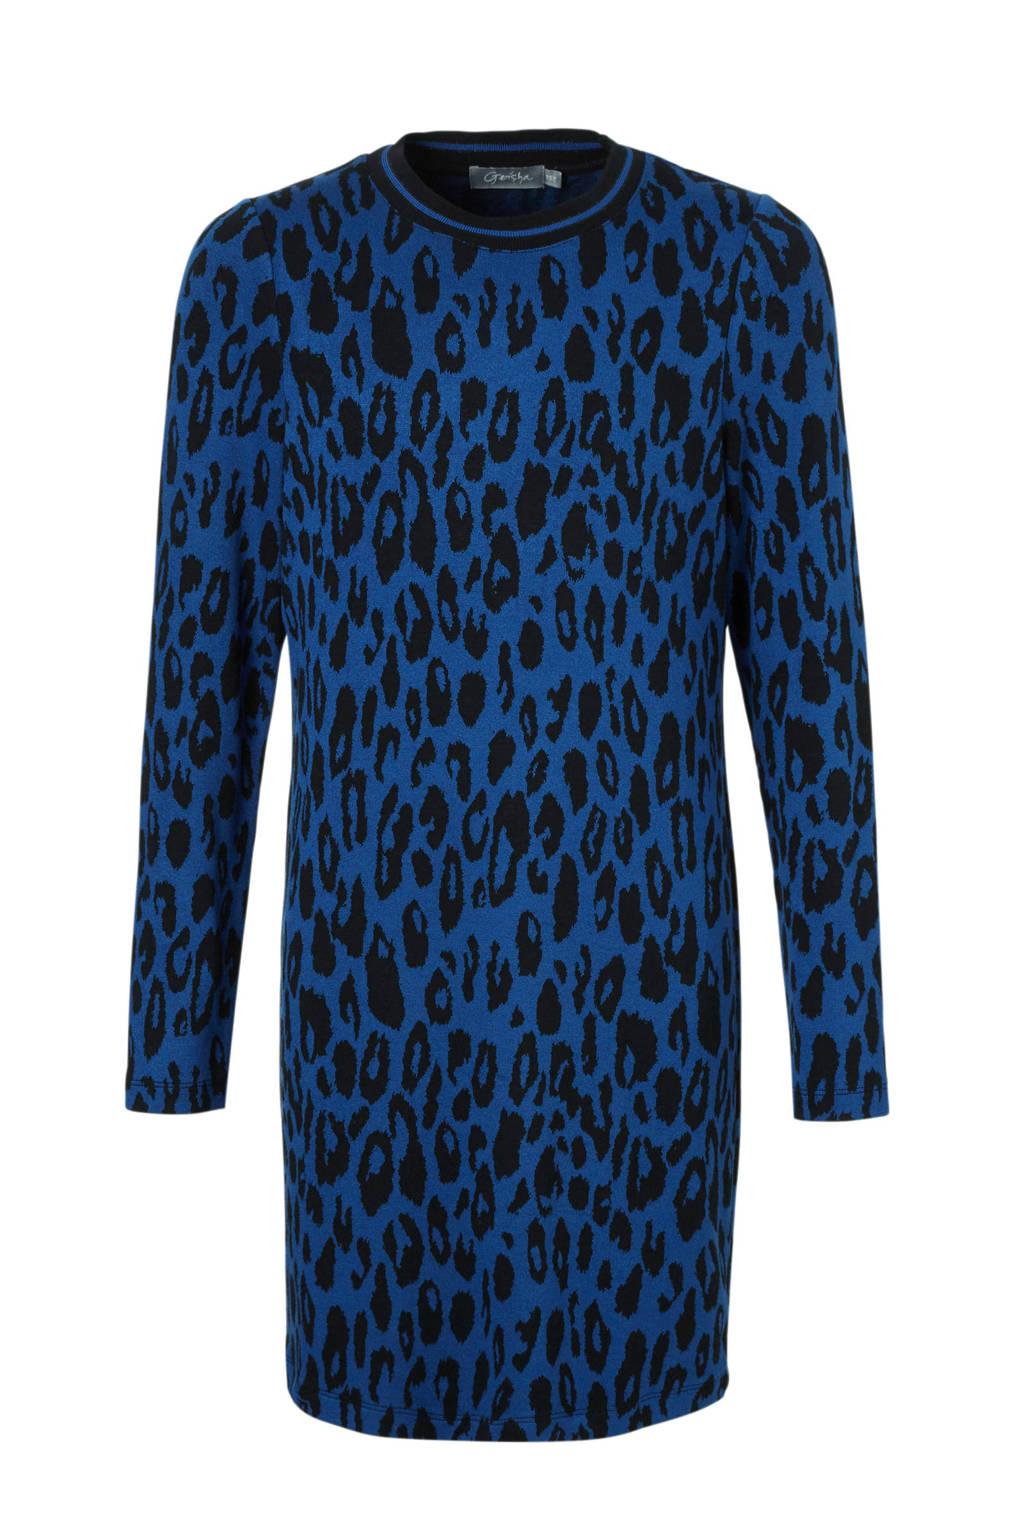 Geisha jurk met panterprint donkerblauw, Donkerblauw/zwart